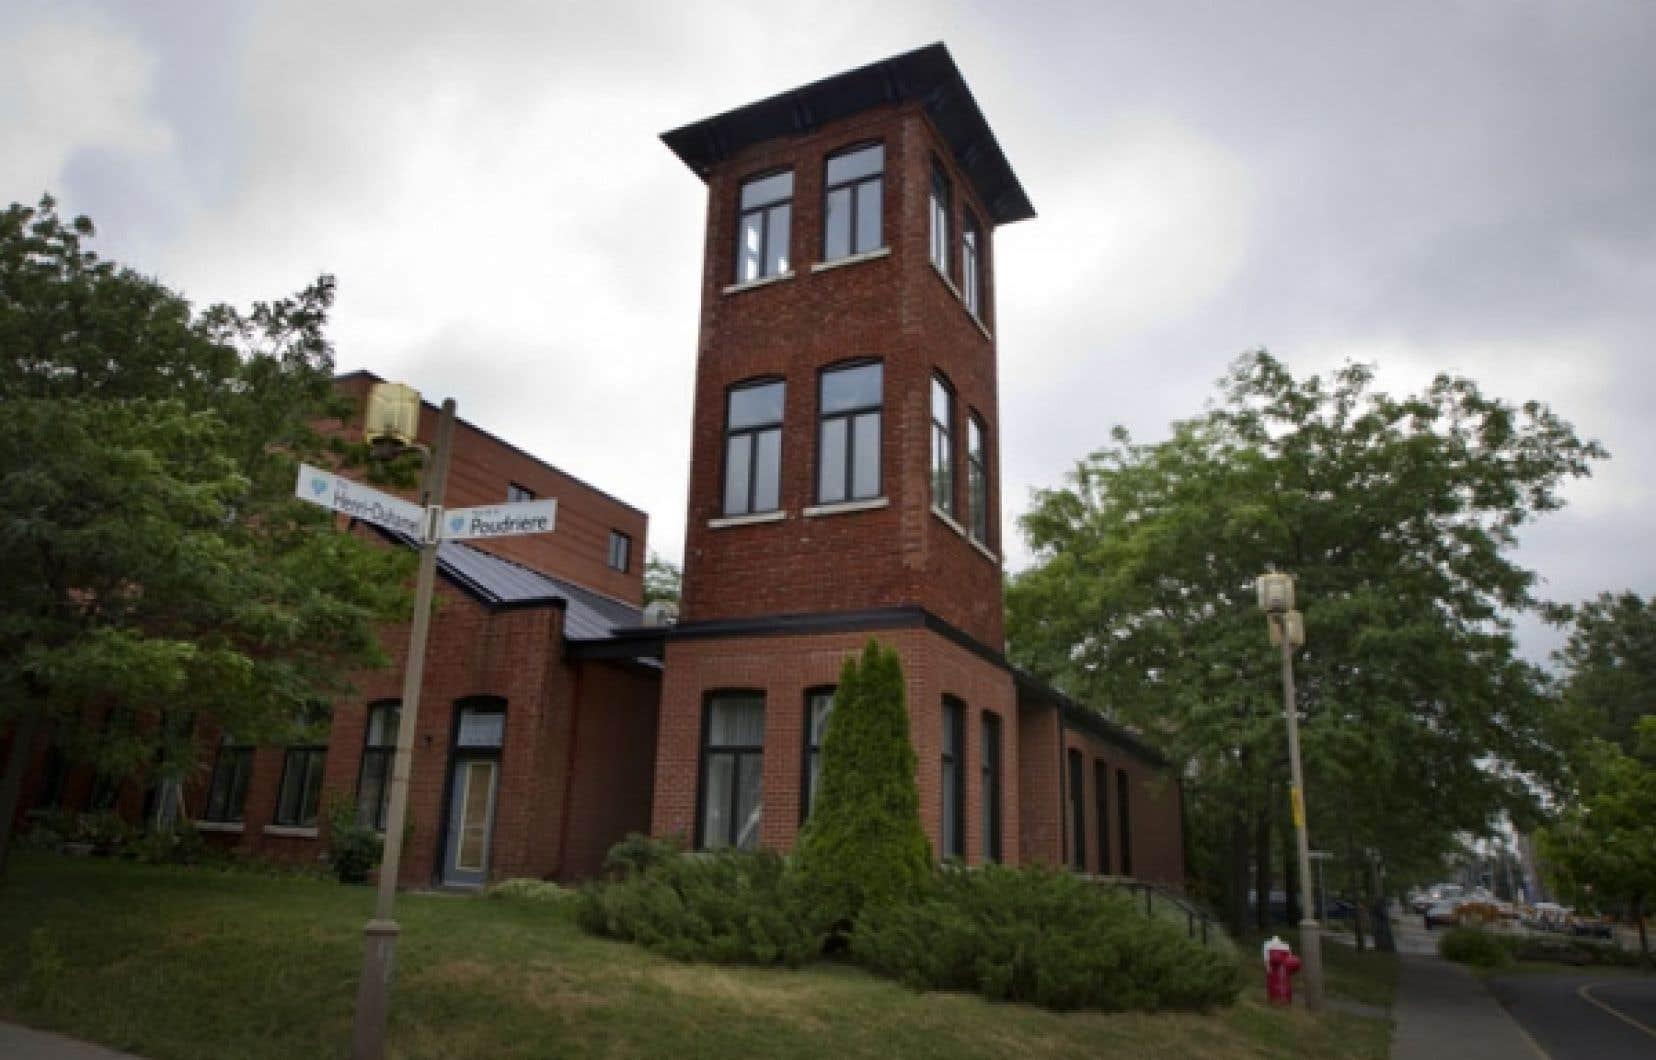 Ce bâtiment historique de Verdun a été reconverti en condominiums dont les principaux résidants sont d'origine russe et slave.